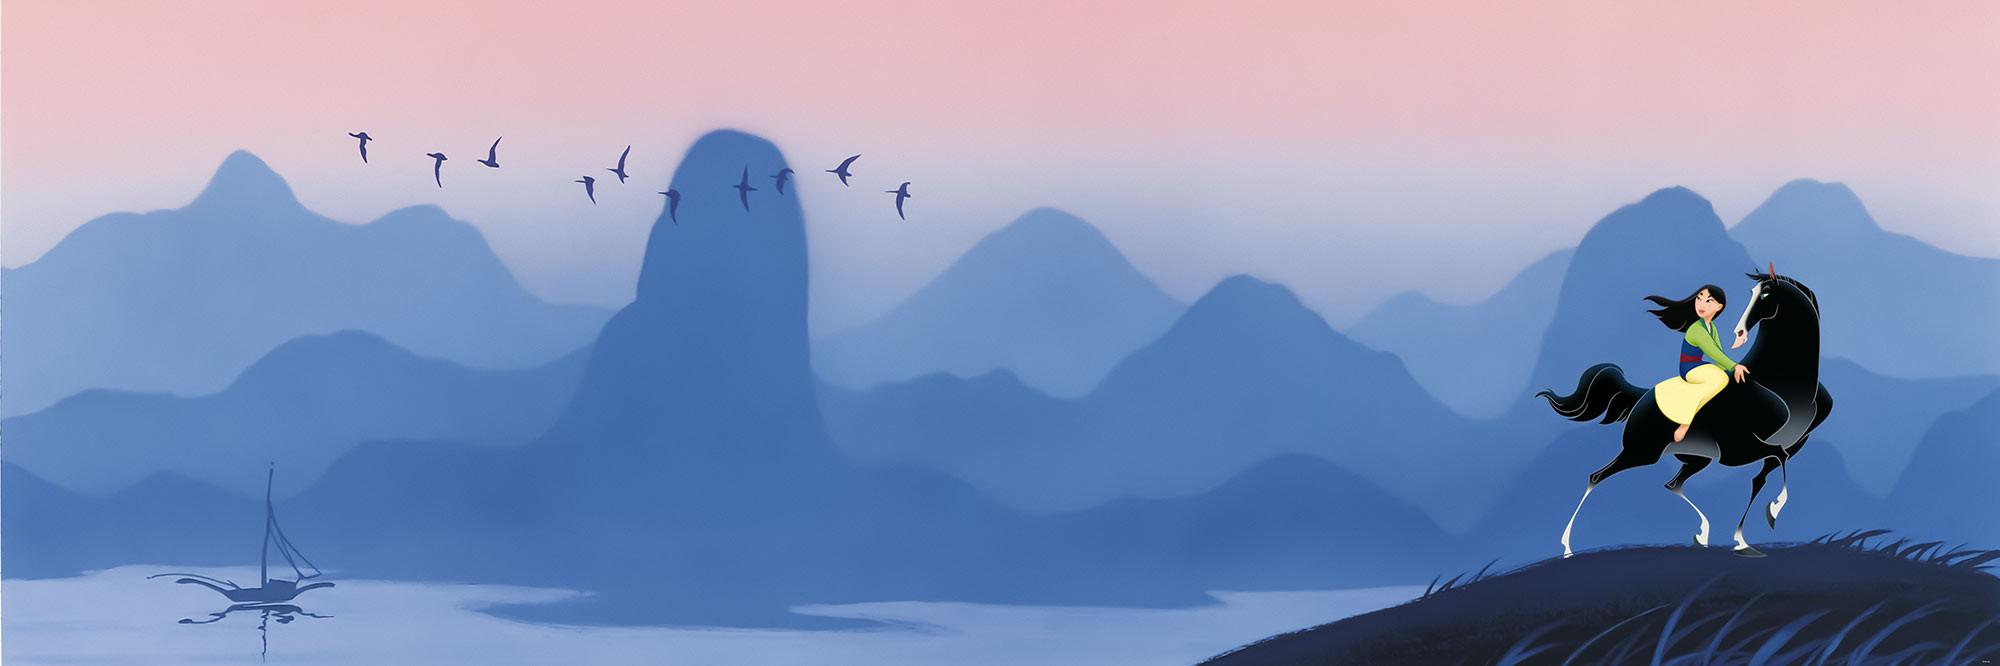 Mulan Hills